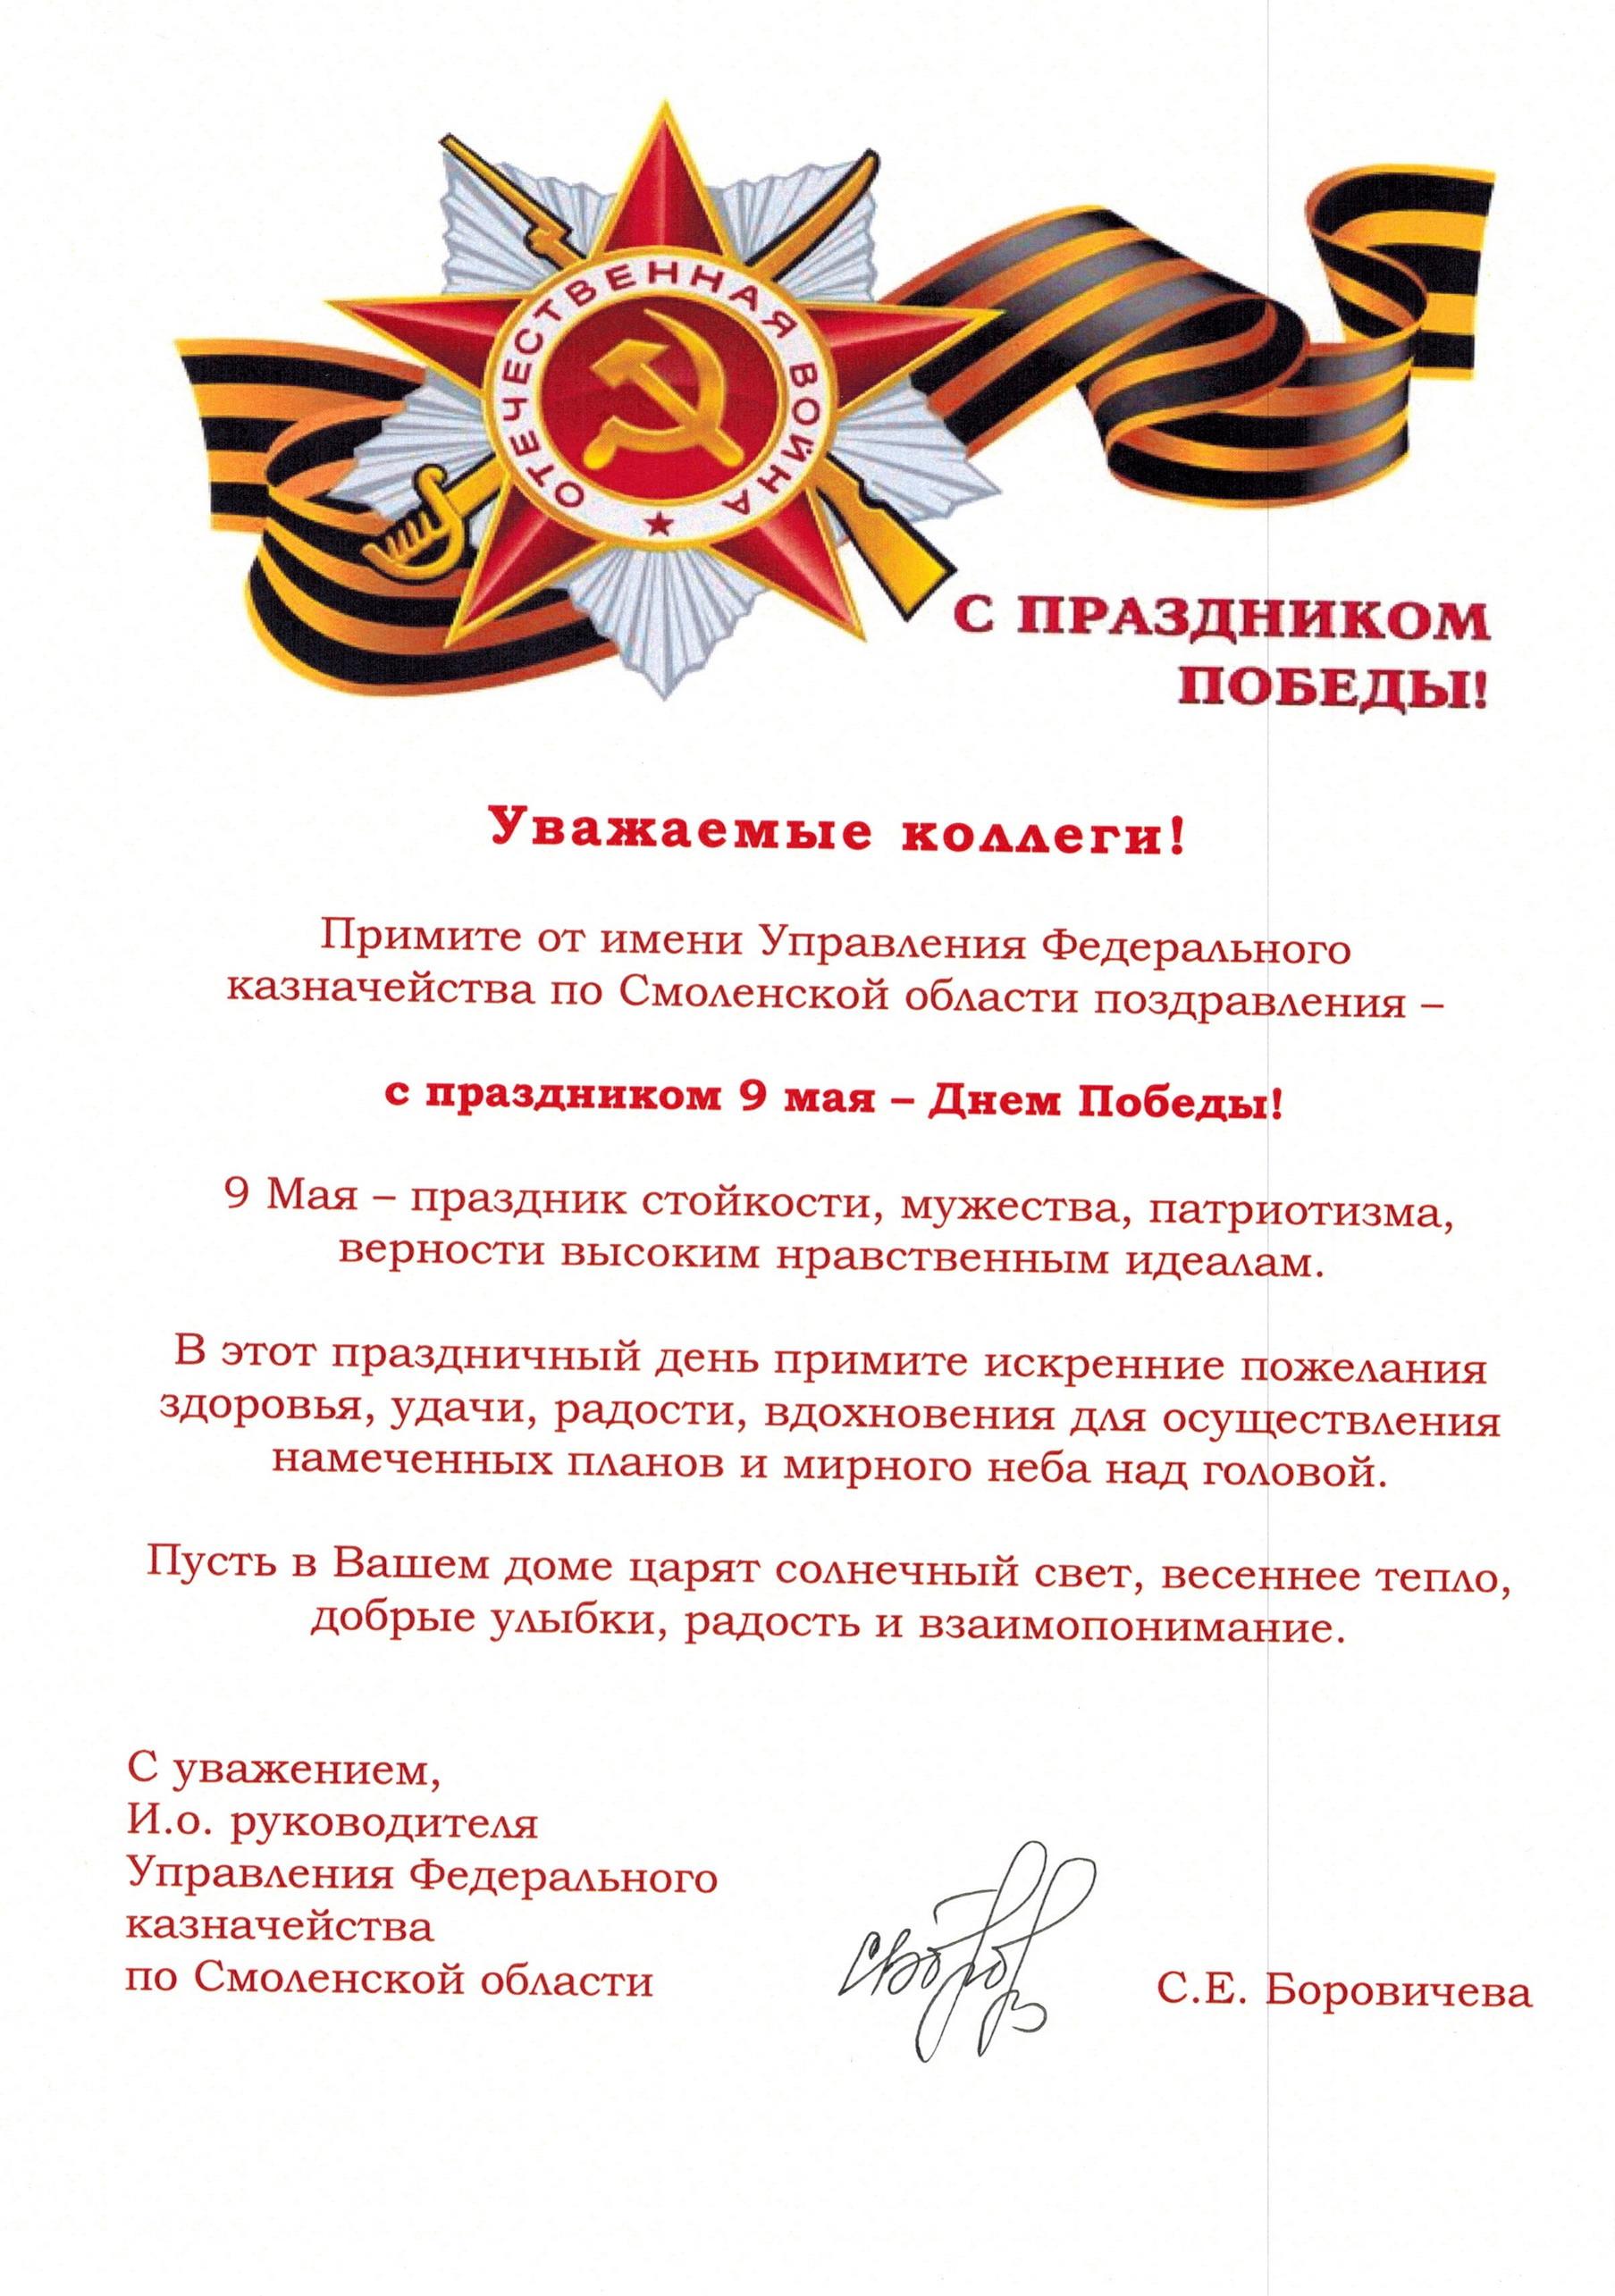 поздравление в прозе коллективу на день победы